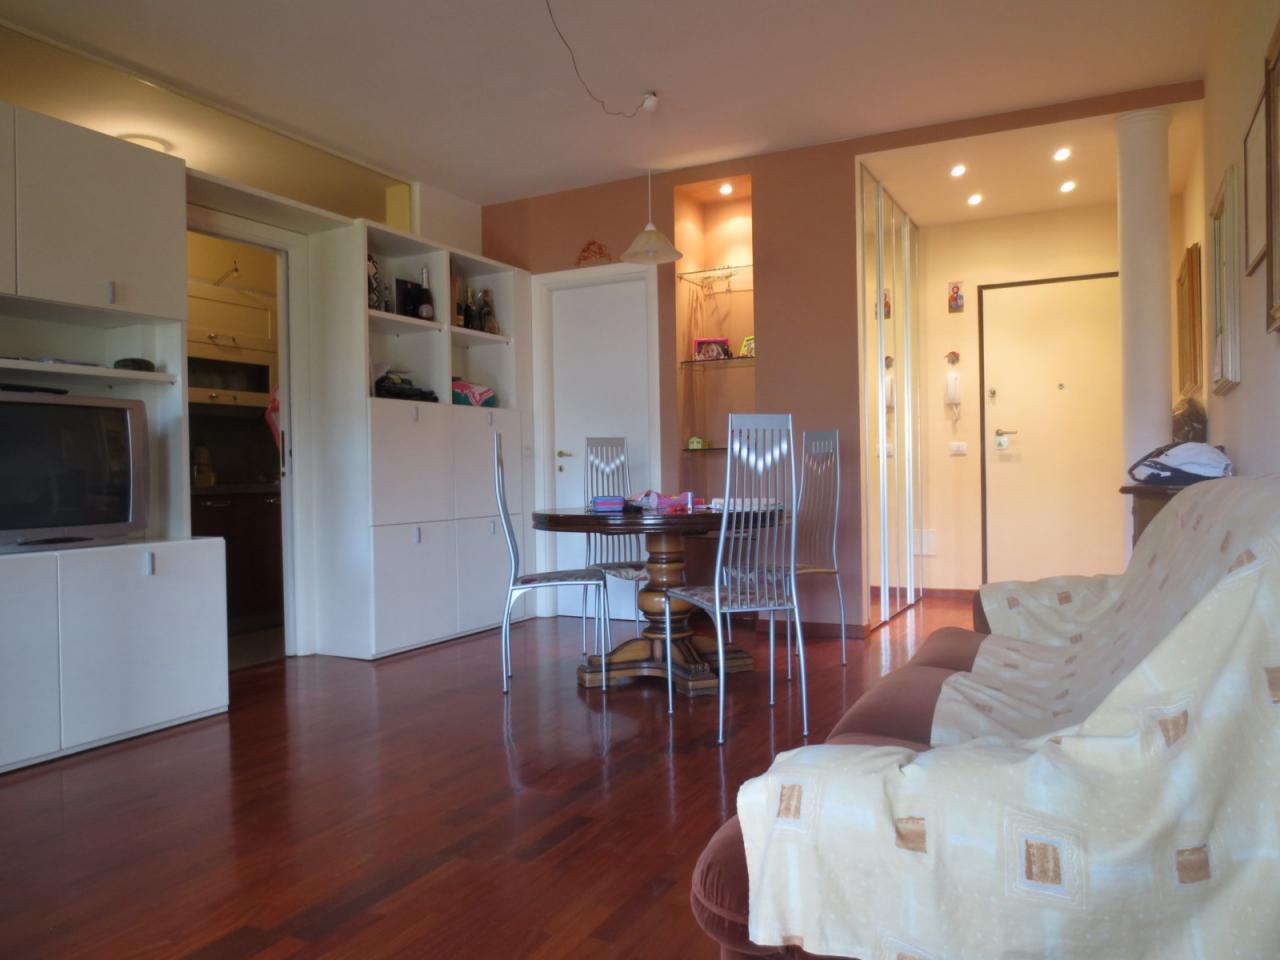 Appartamento in affitto a Cascina, 4 locali, zona Località: Cascina, prezzo € 600 | CambioCasa.it